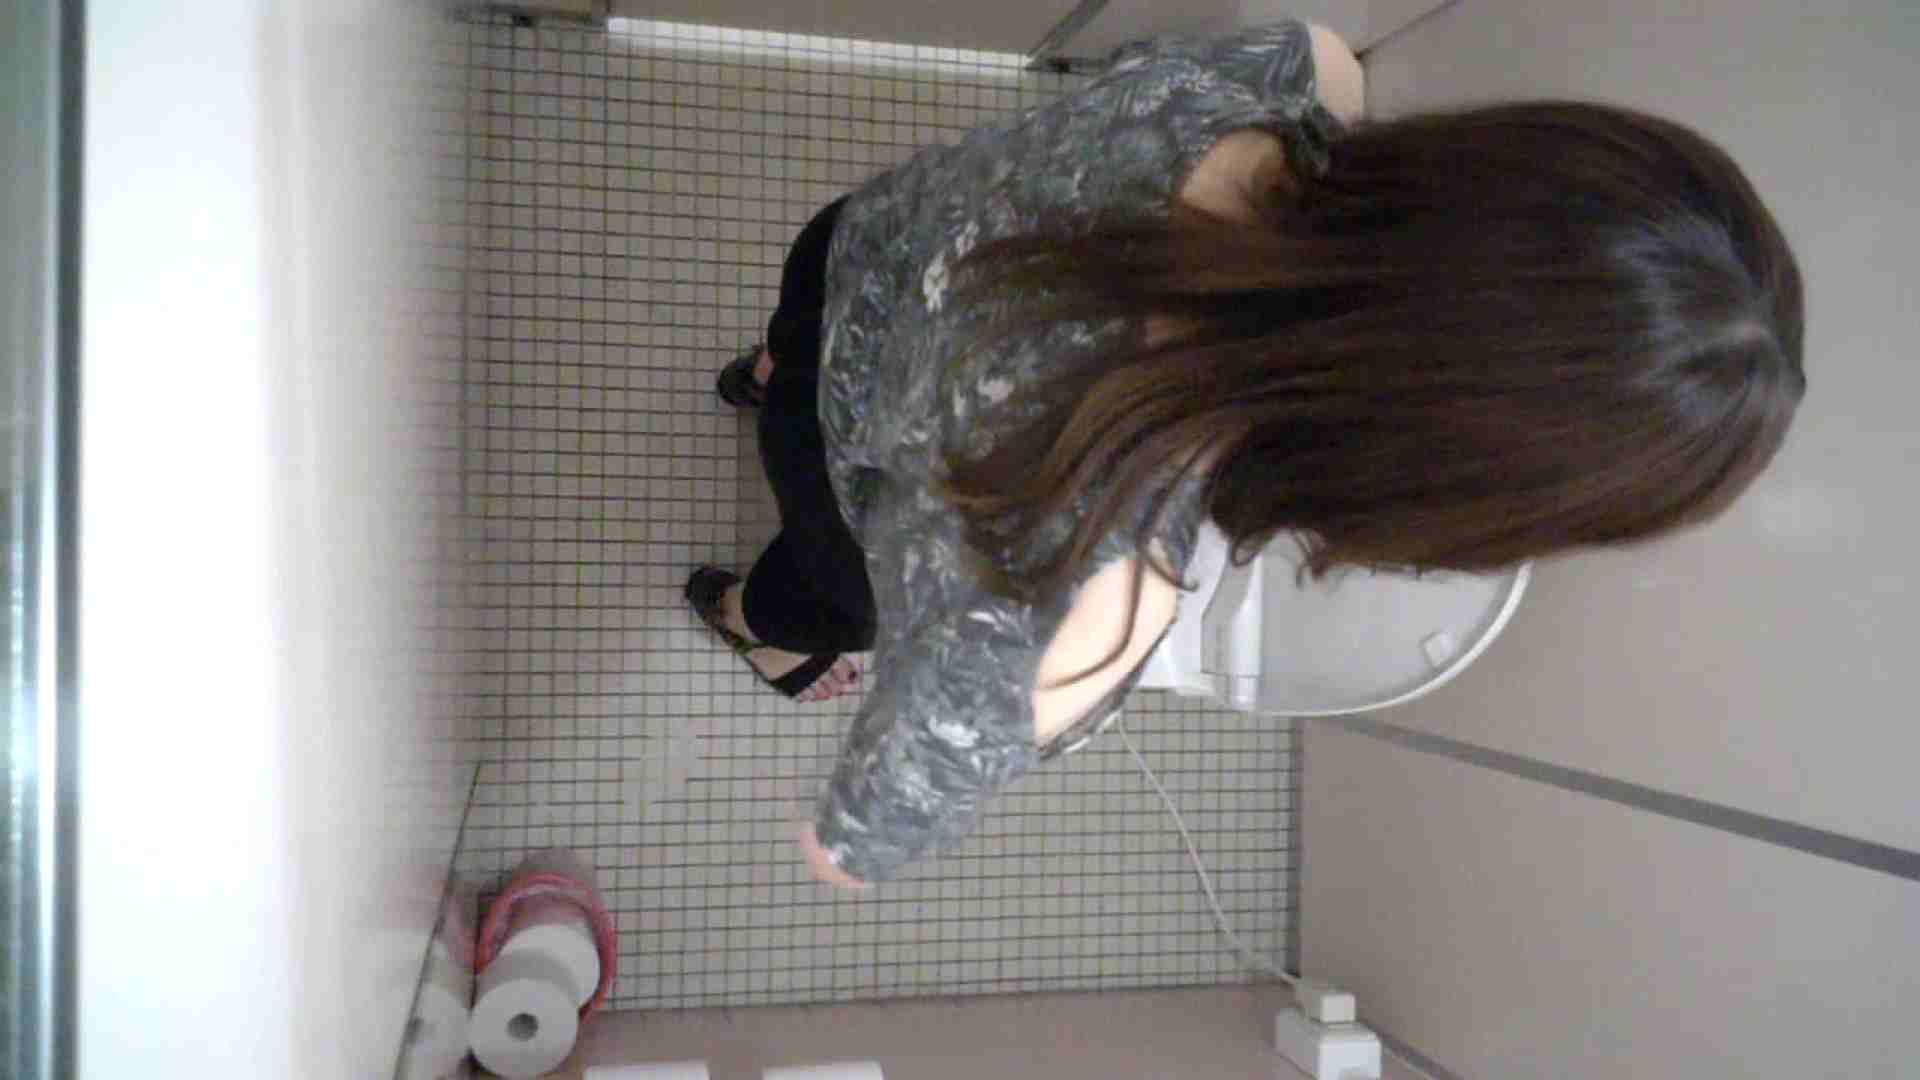 有名大学女性洗面所 vol.43 いつみても神秘的な世界です。 和式トイレ 濡れ場動画紹介 103pic 4